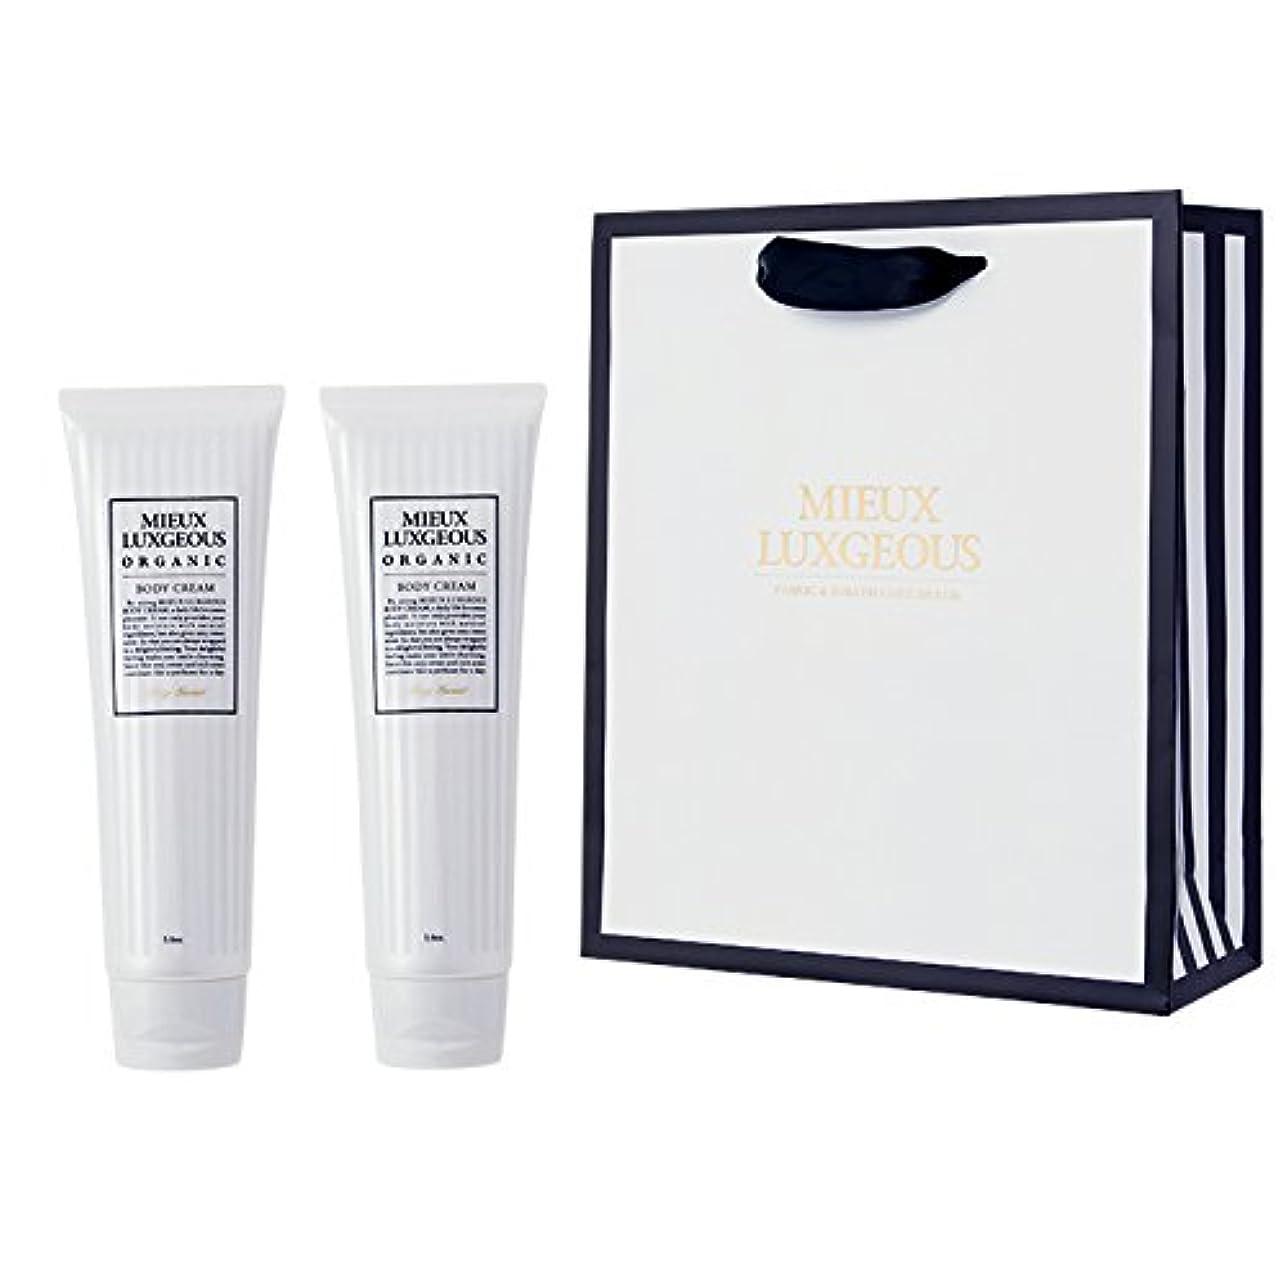 冒険家ゲートウェイチャンスミューラグジャス Body Cream 2本set with Paperbag02